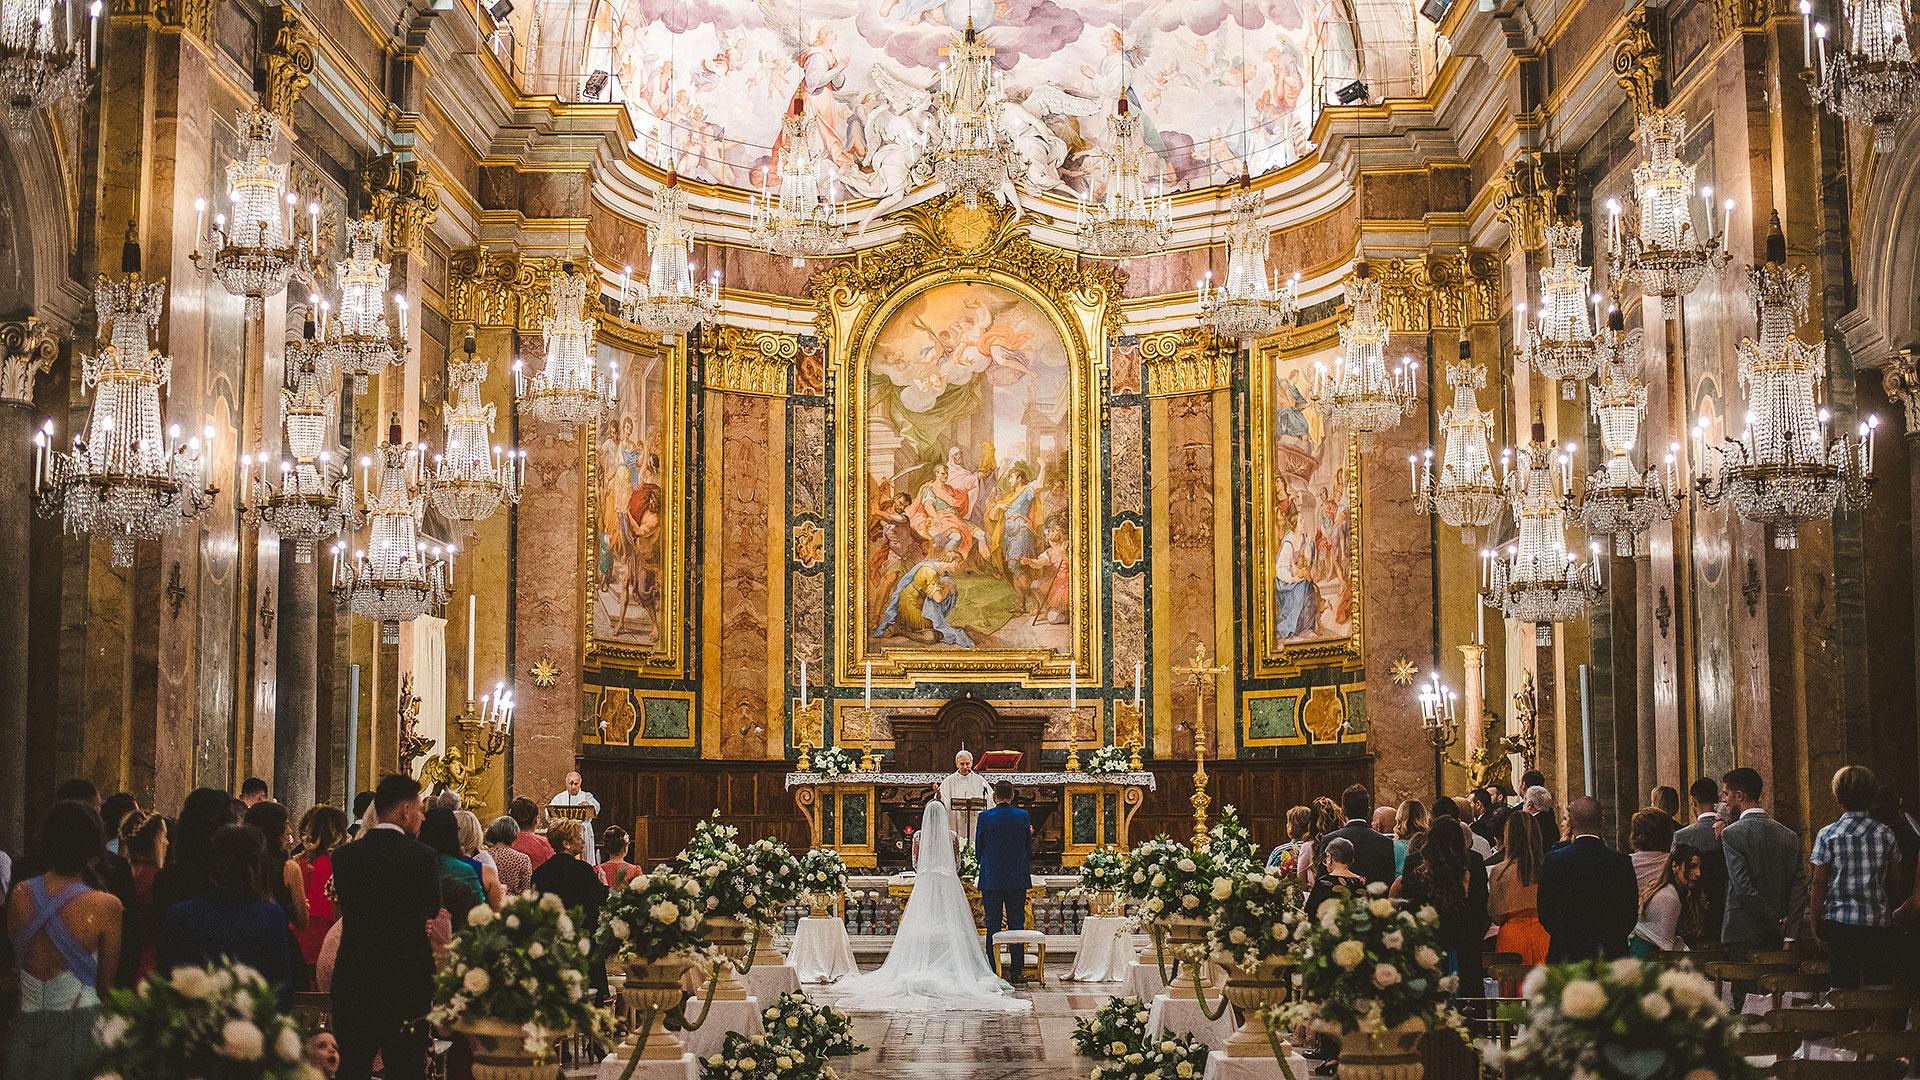 matrimonio chiesa lampadari